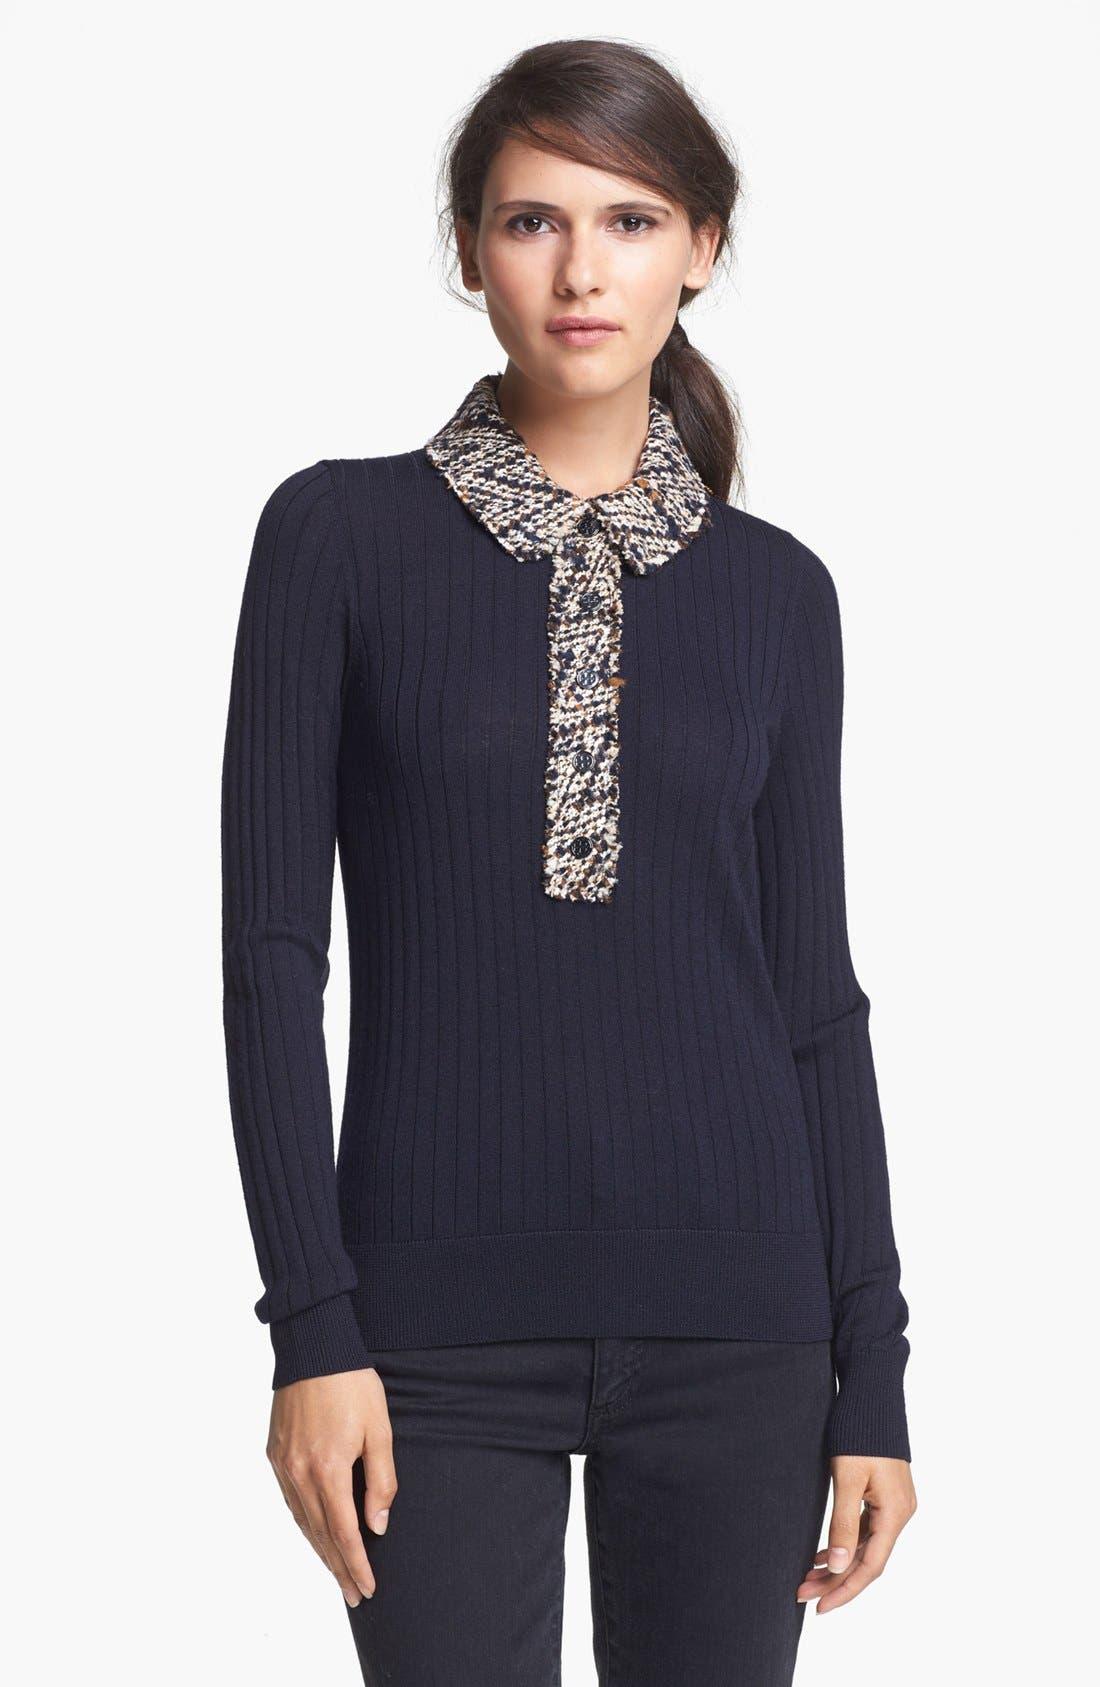 Main Image - Tory Burch 'Zelda' Merino Wool Sweater